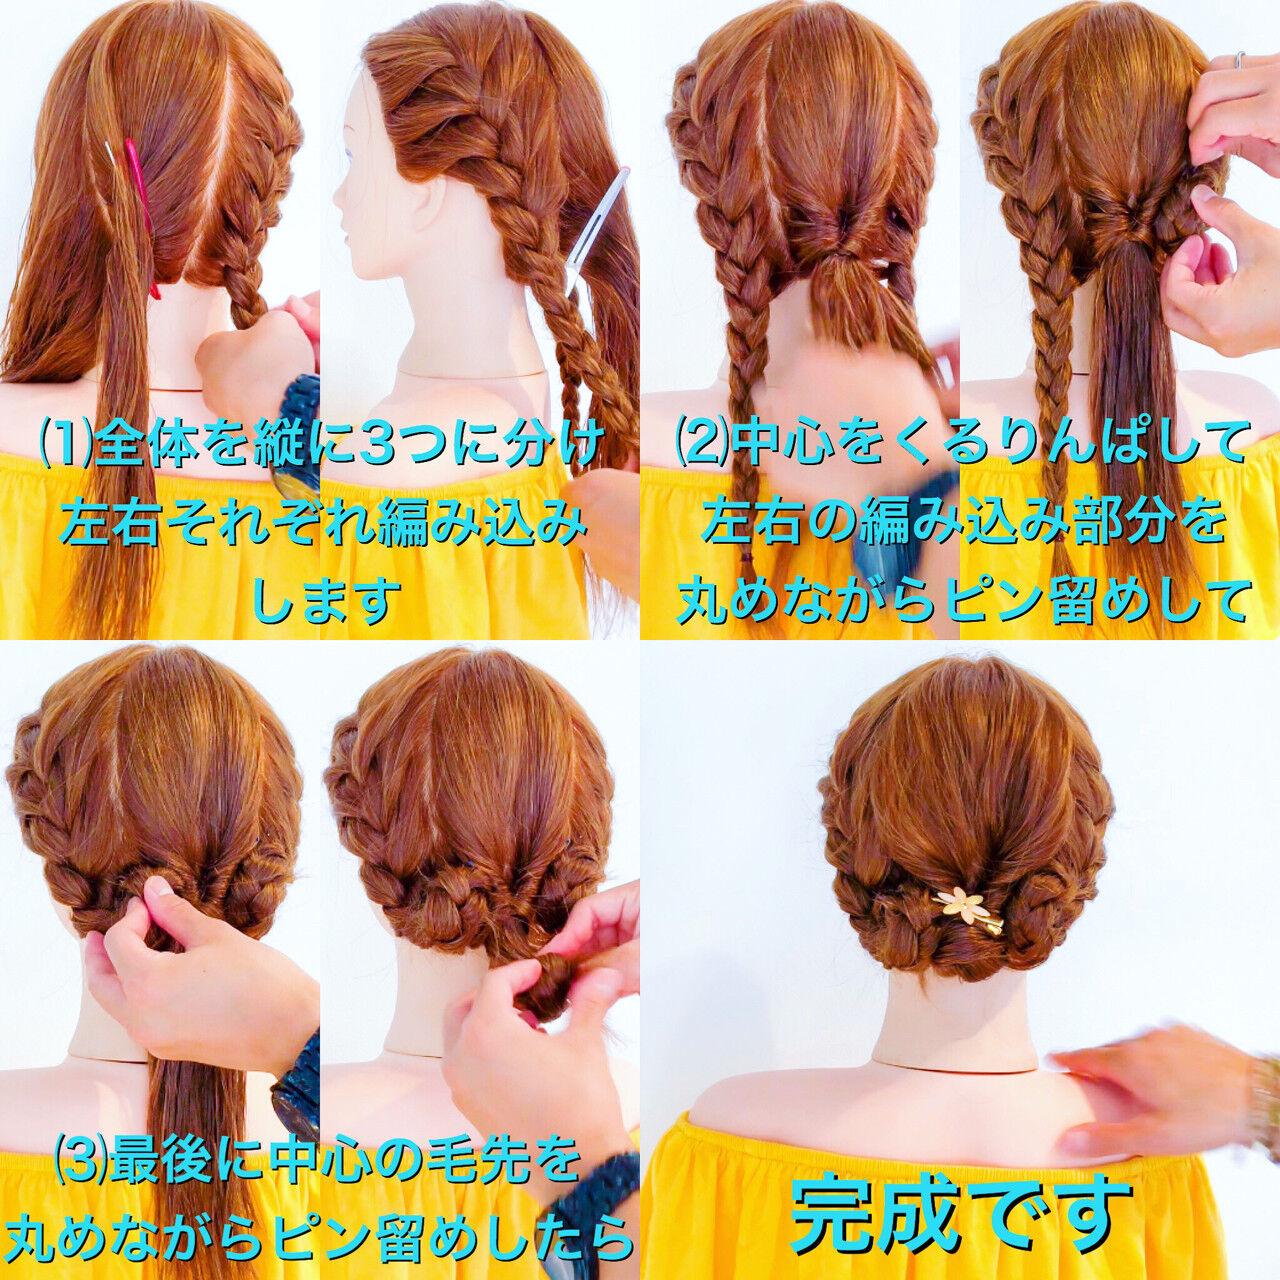 上品 大人かわいい 結婚式 ヘアアレンジヘアスタイルや髪型の写真・画像